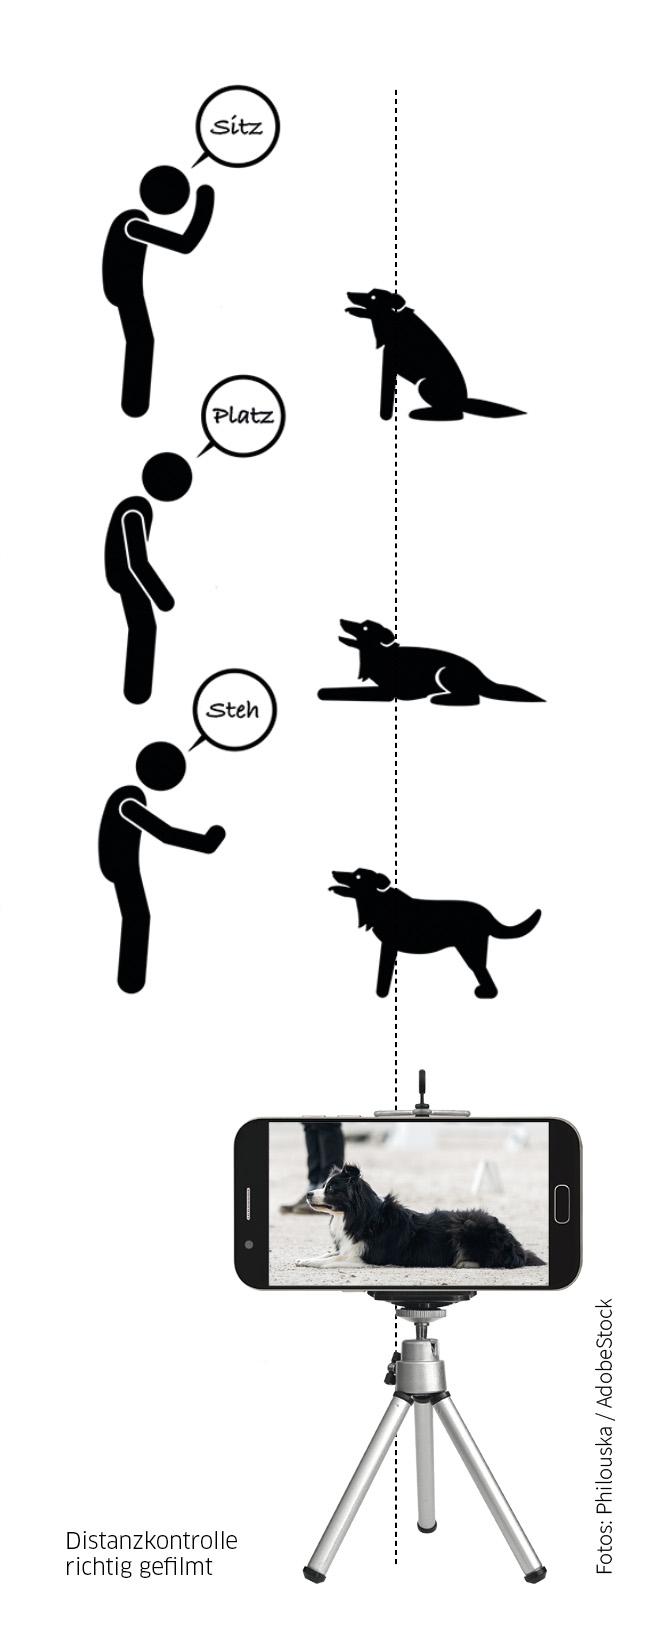 Kameraposition für Distanzkontrolle im Obedience